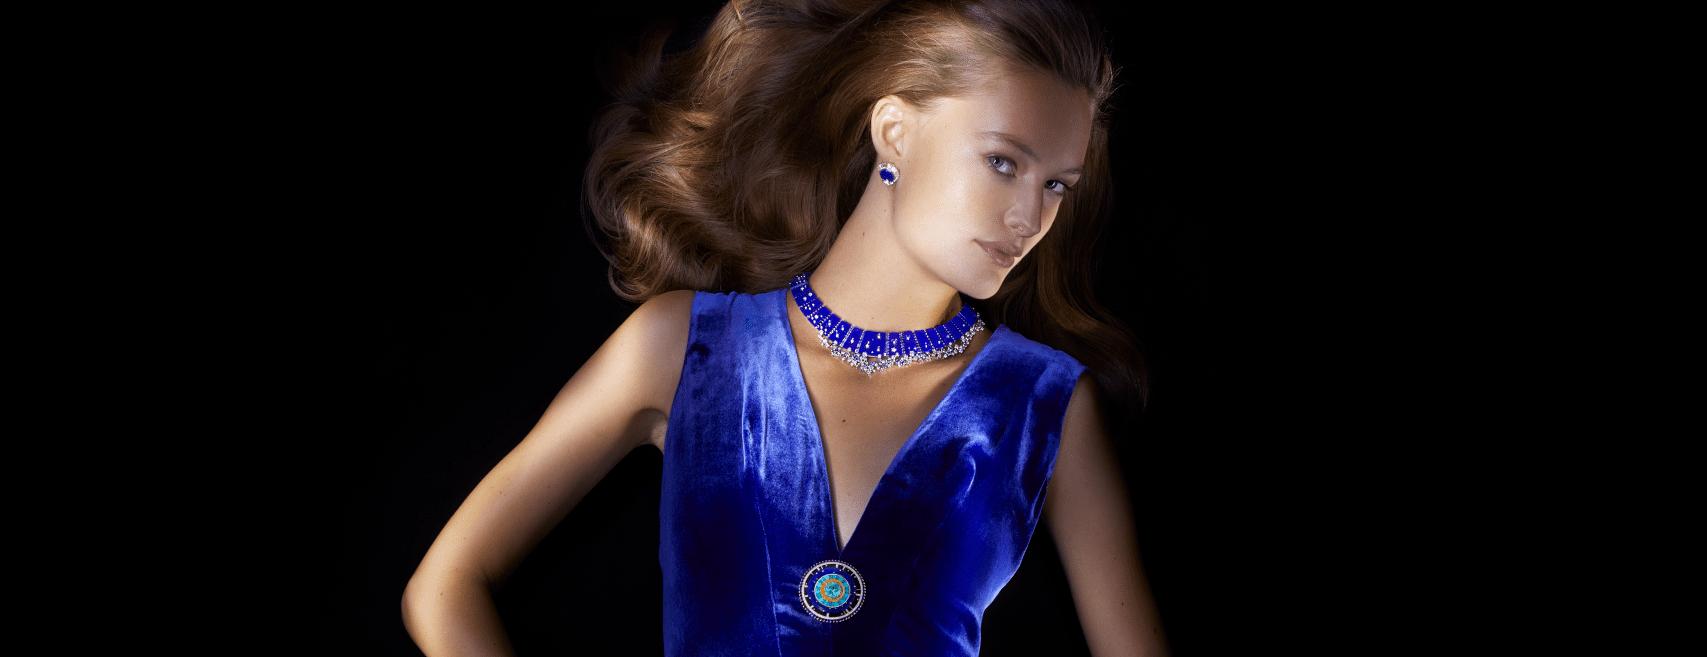 Van Cleef & Arpels Sous les Étoiles high jewellery collection